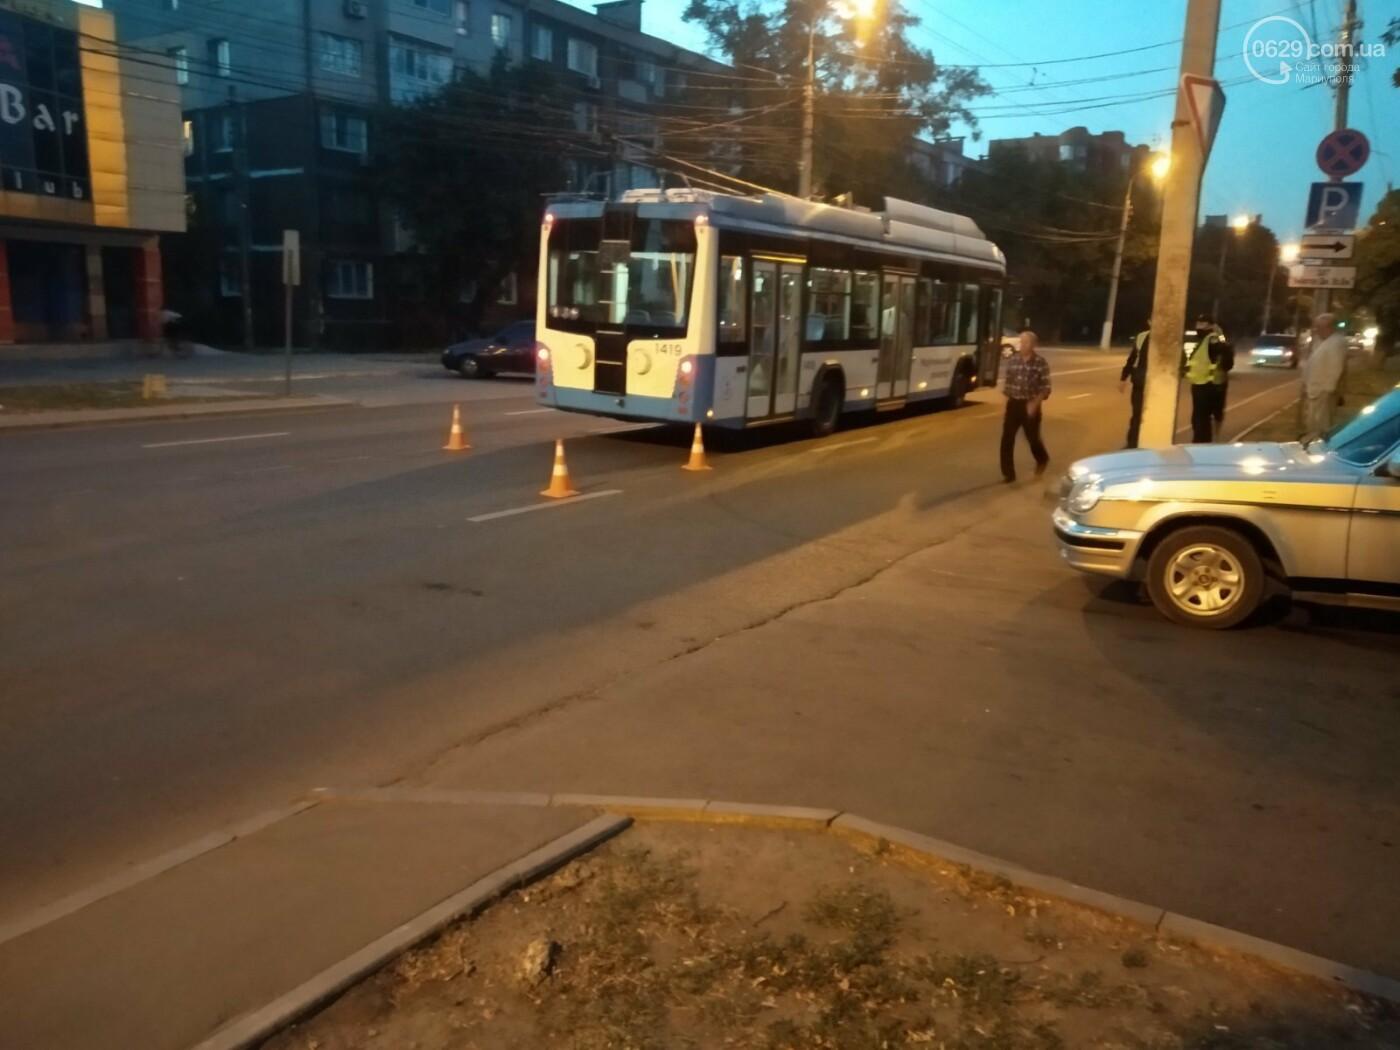 В Мариуполе столкнулись троллейбус и «Волга». Пострадал ребенок, - ФОТО, фото-1